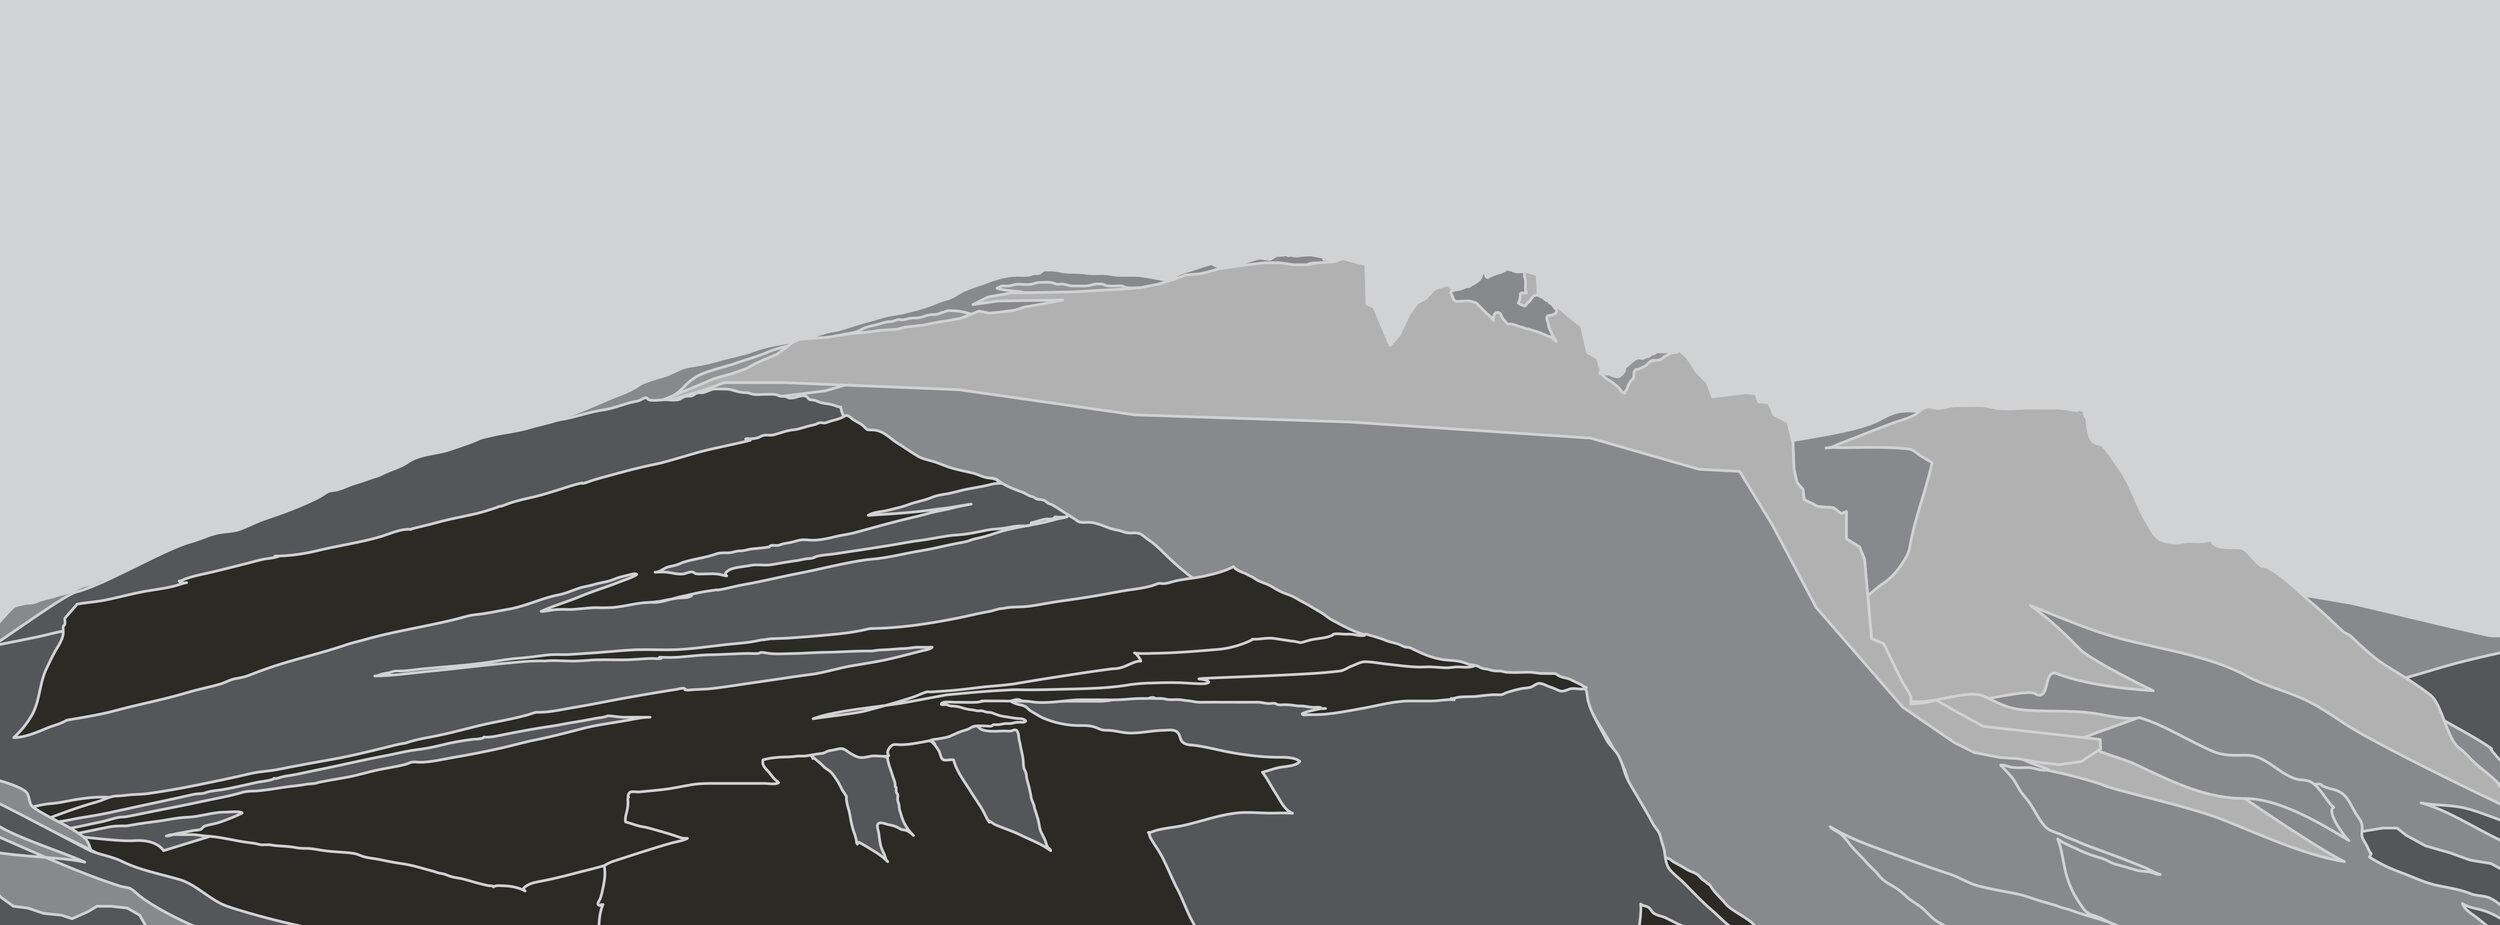 Ossian-Landscape-Line.jpg